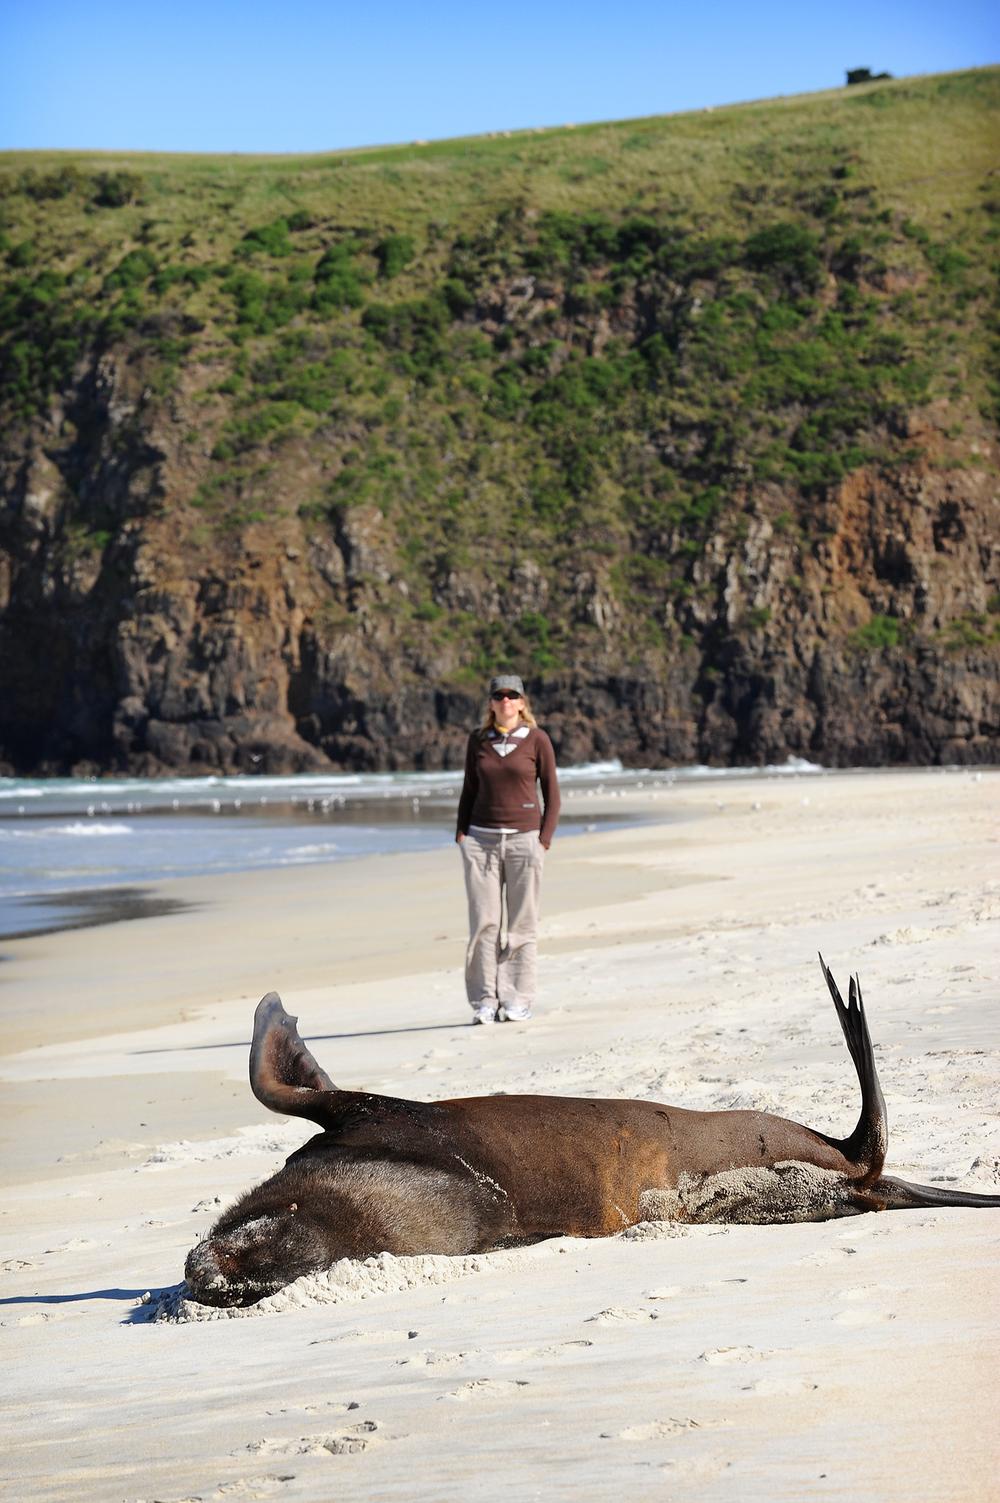 Uusi-Seelanti, matkablogi, matka, ranta, merileijona